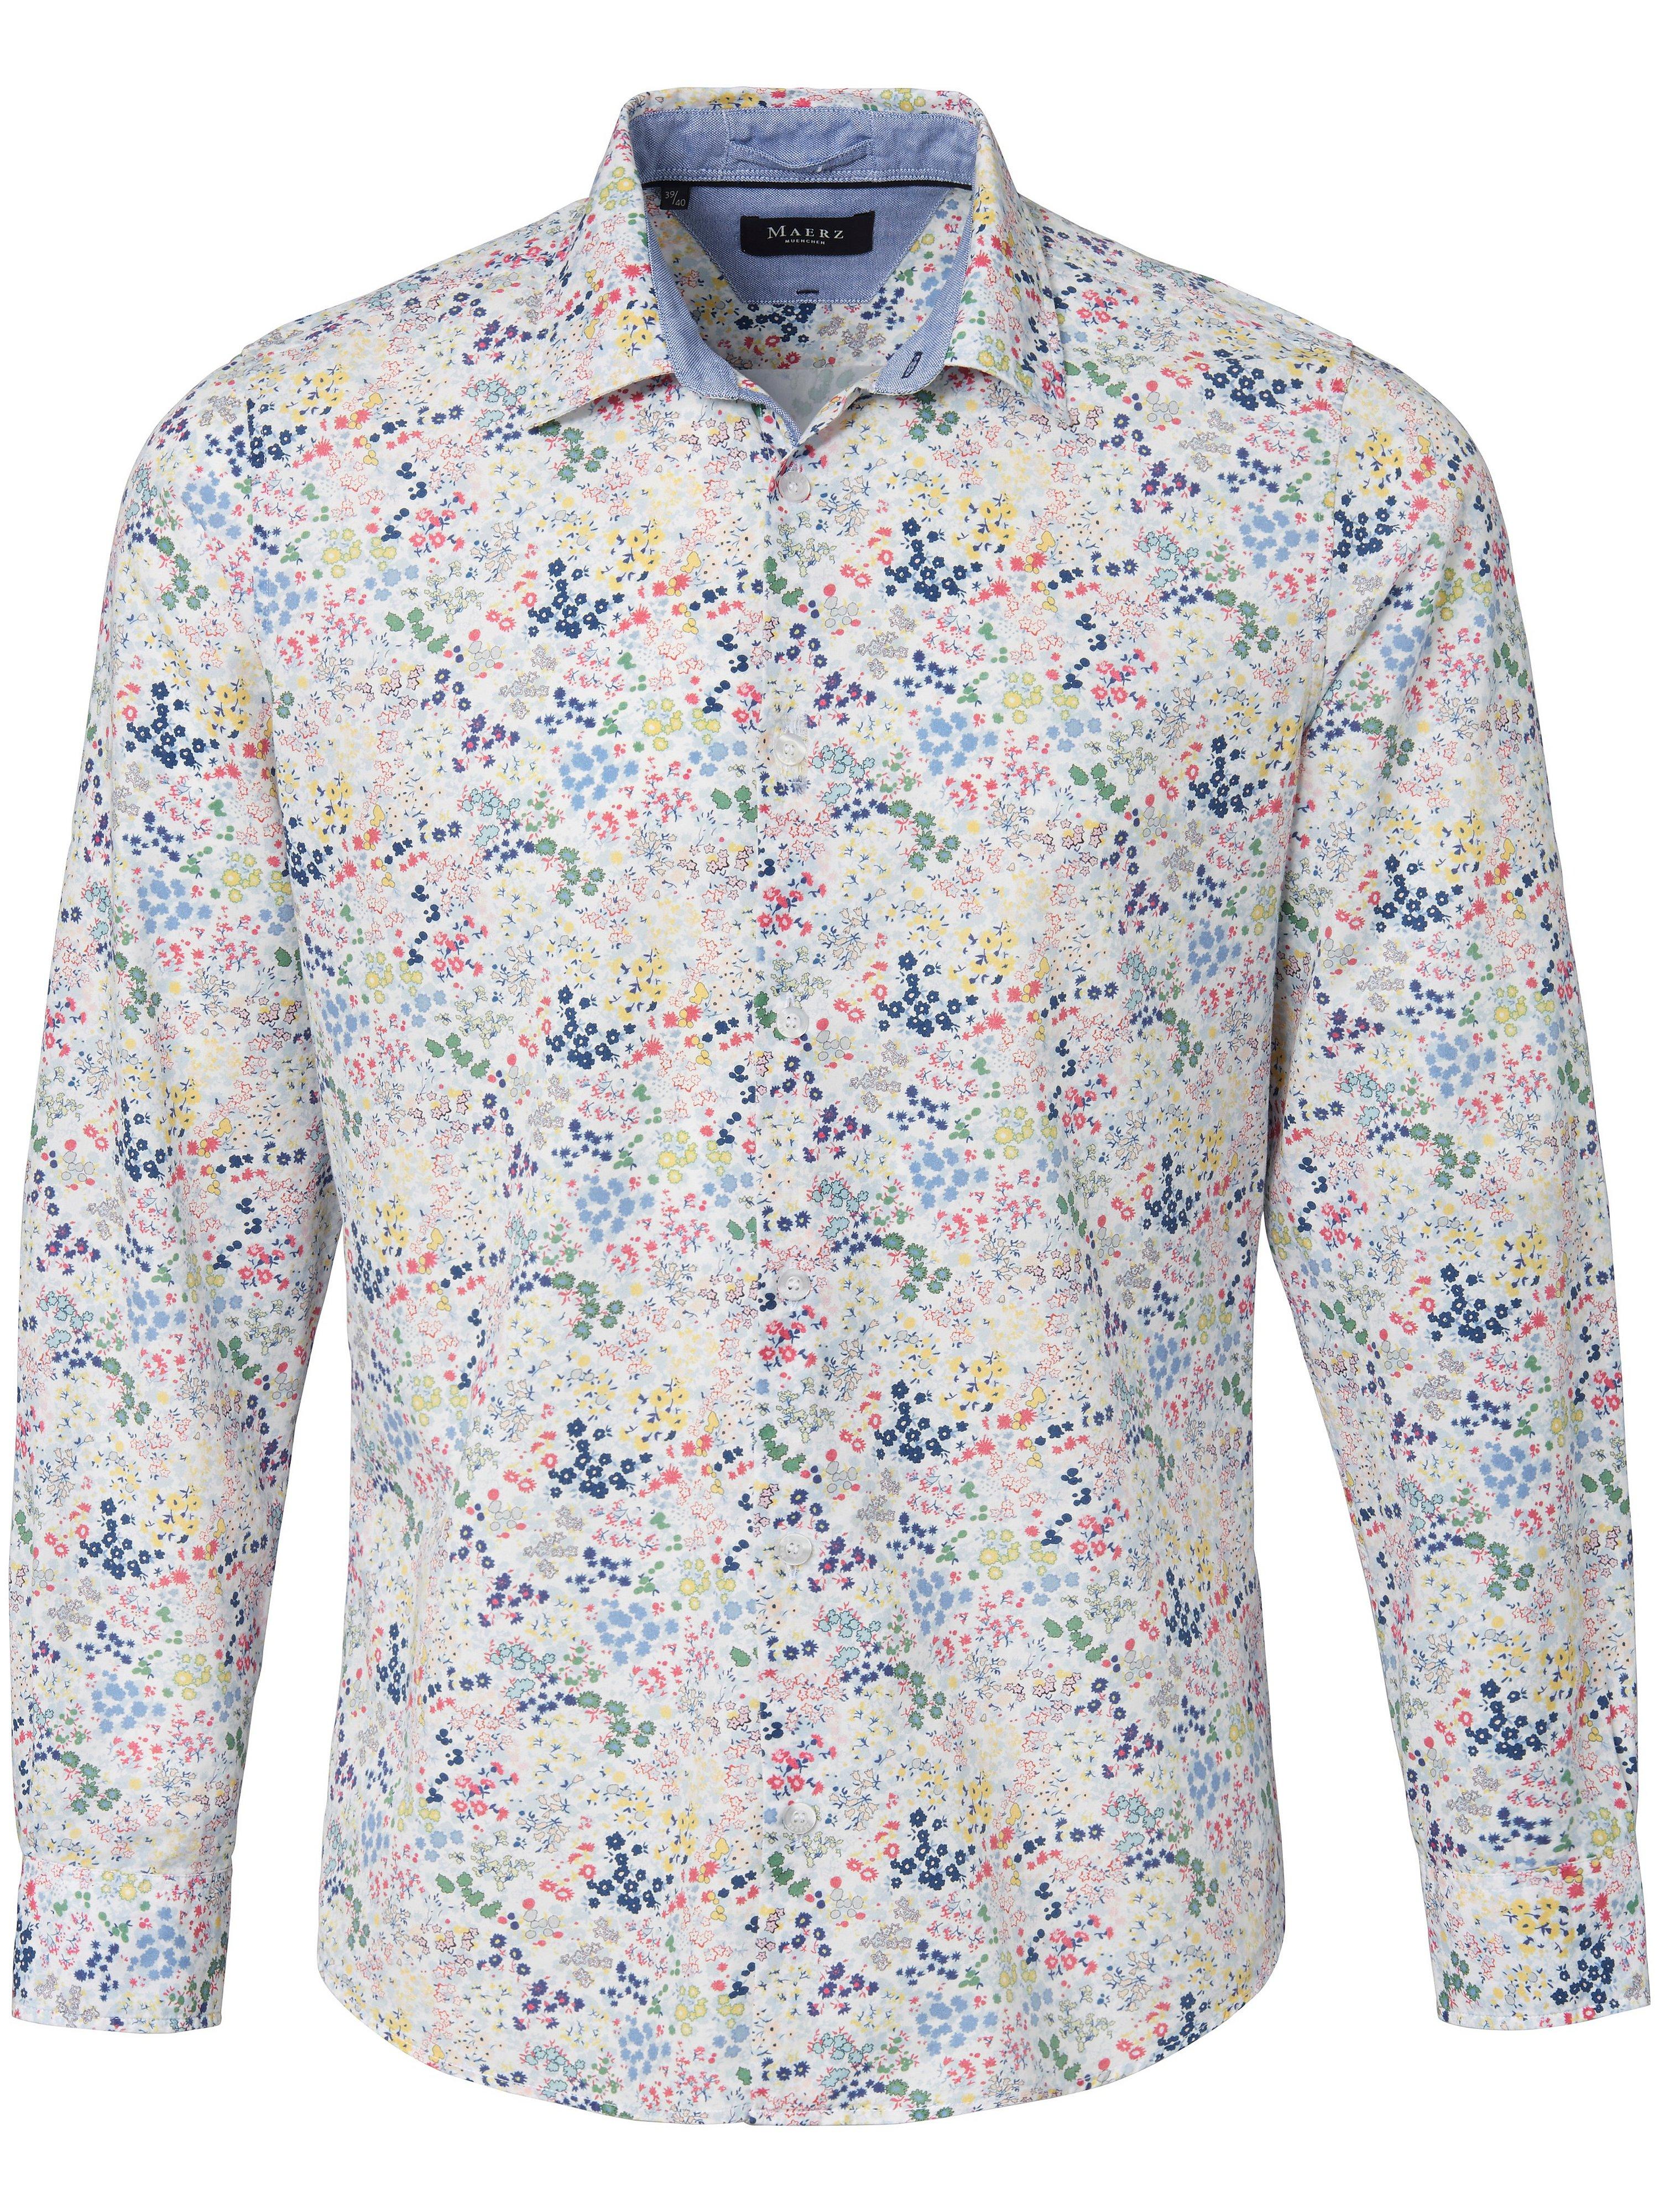 La chemise 100% coton  MAERZ Muenchen multicolore taille 43/44